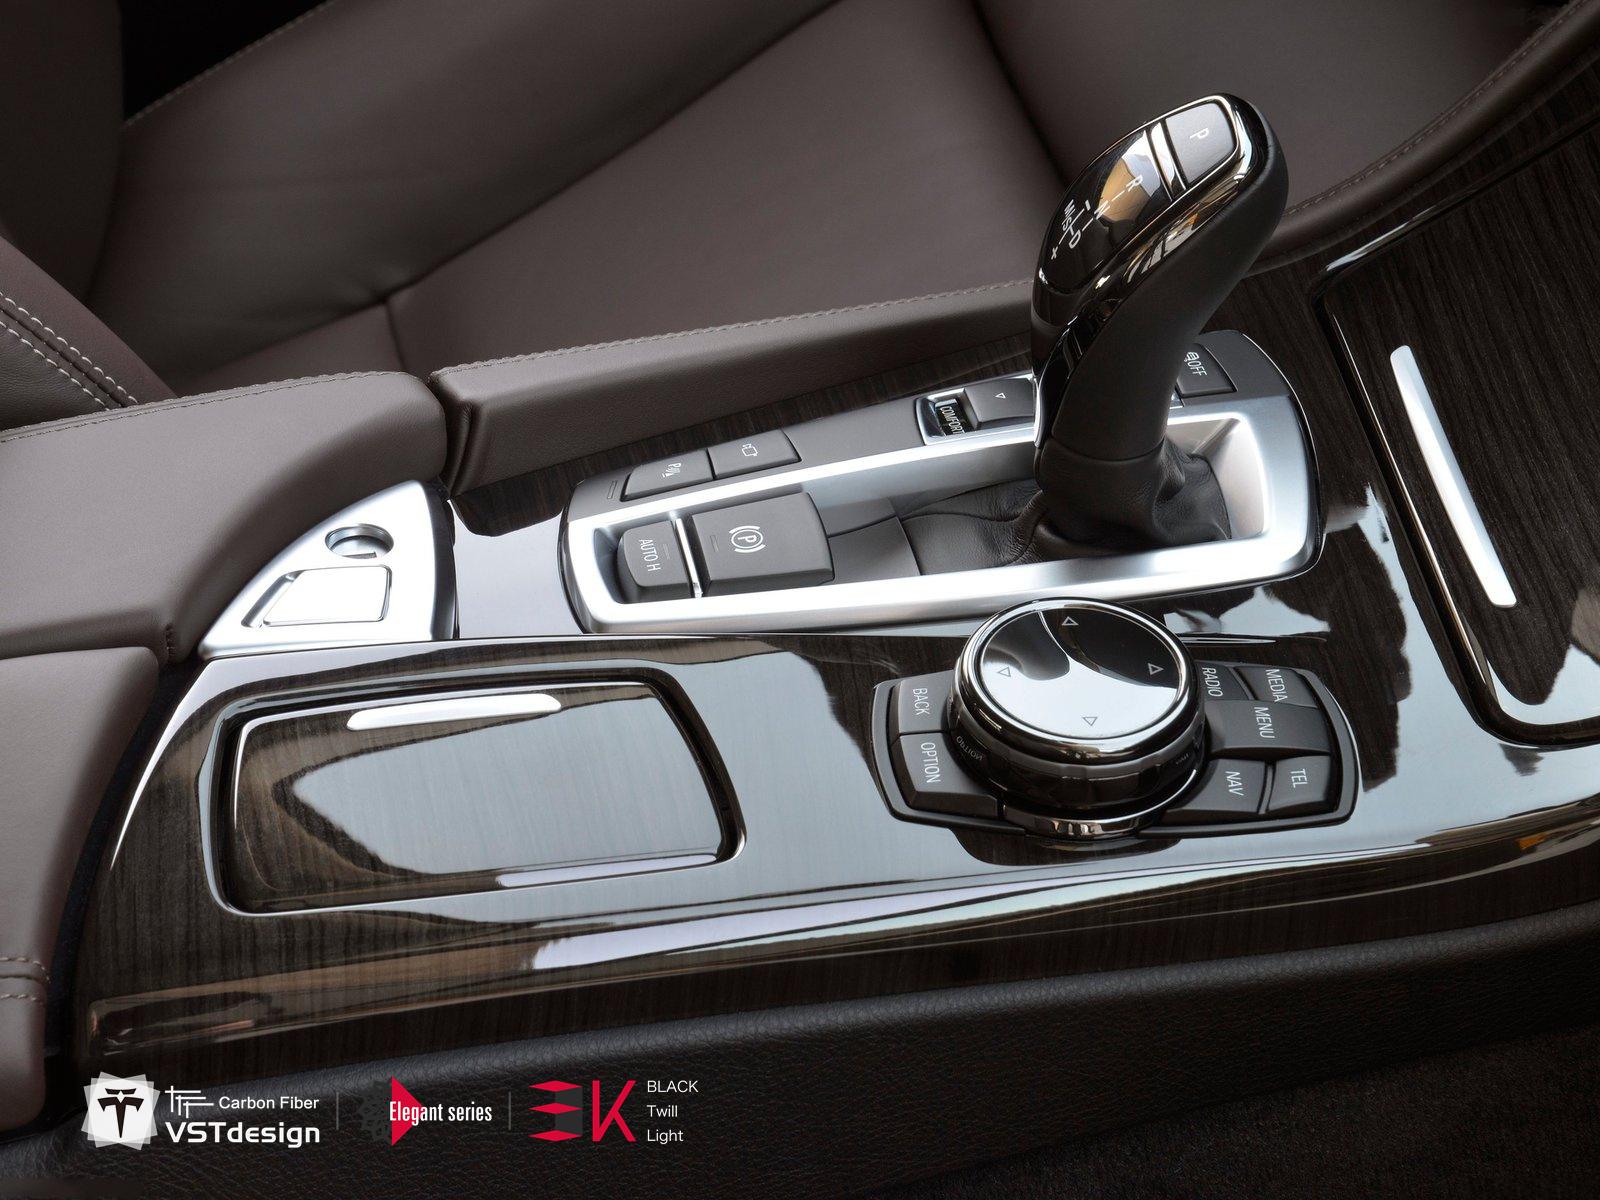 Carbon Fiber Trim Dash Kit Cover Frame For Bmw 5 Series F10 F18 9 Pcs Jdm Autopart Sport Car